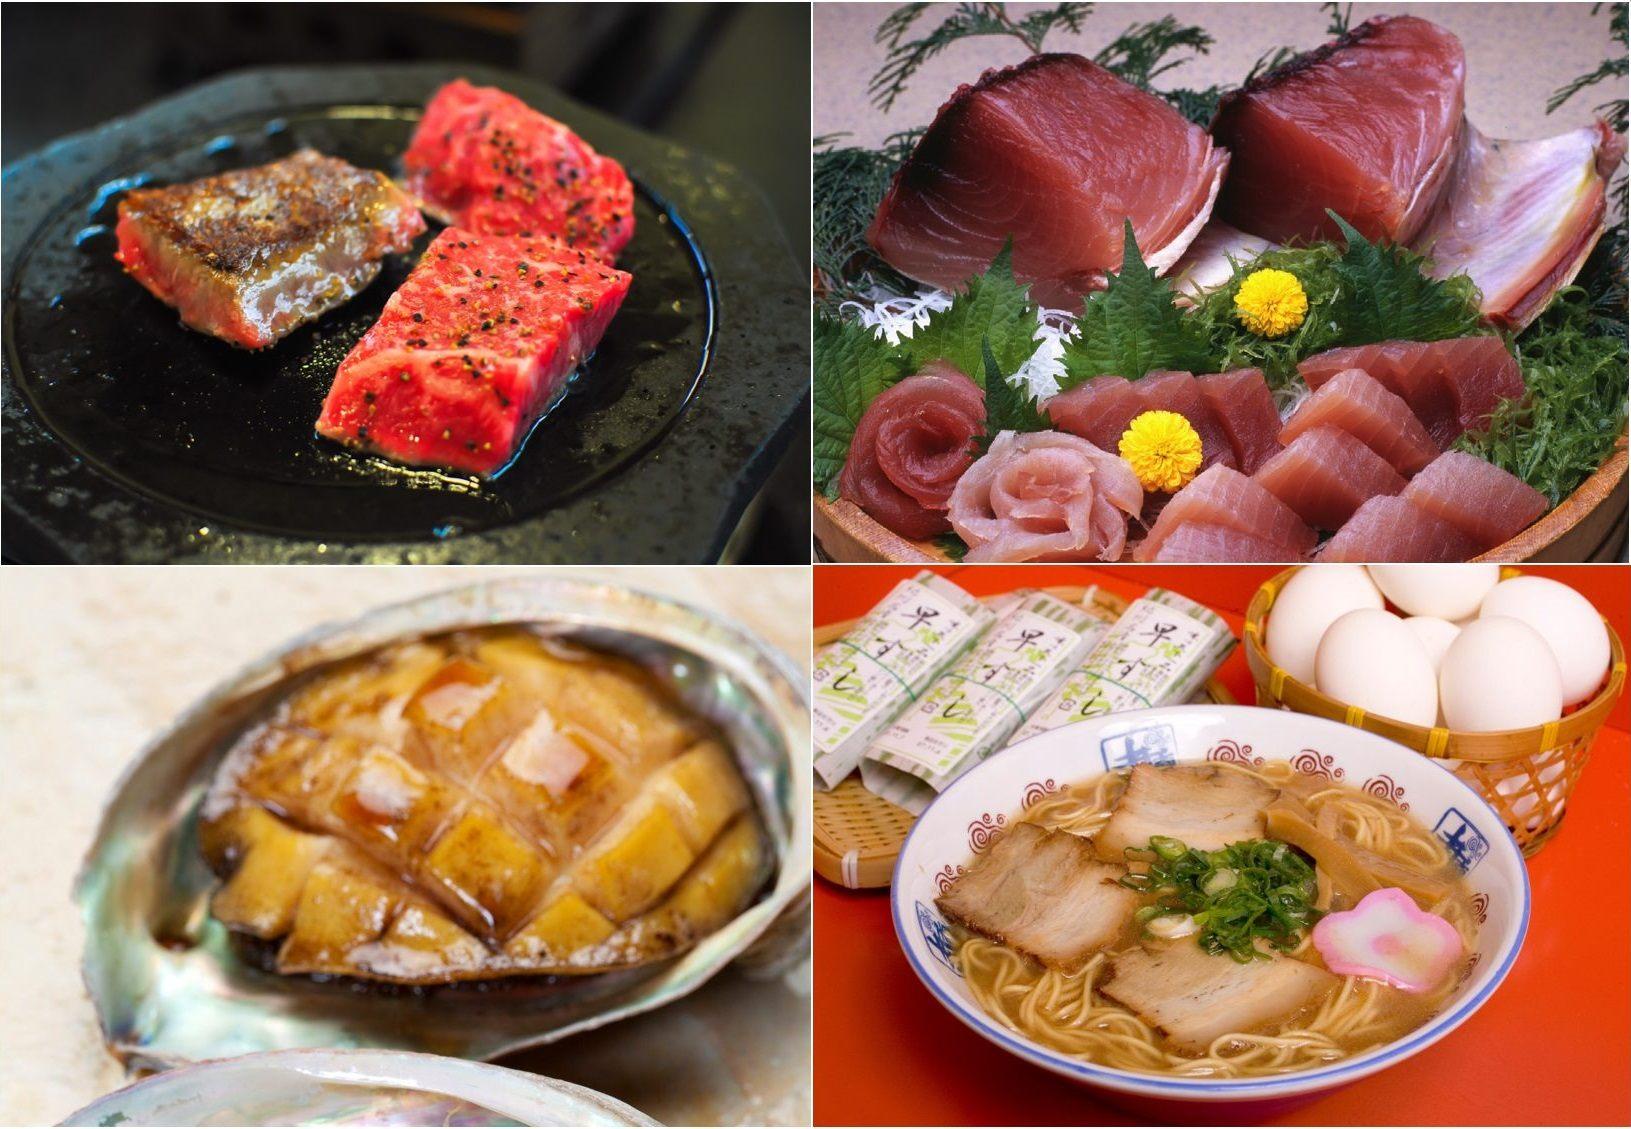 松阪牛、生鮪魚、鮑魚、拉麵等著名美食